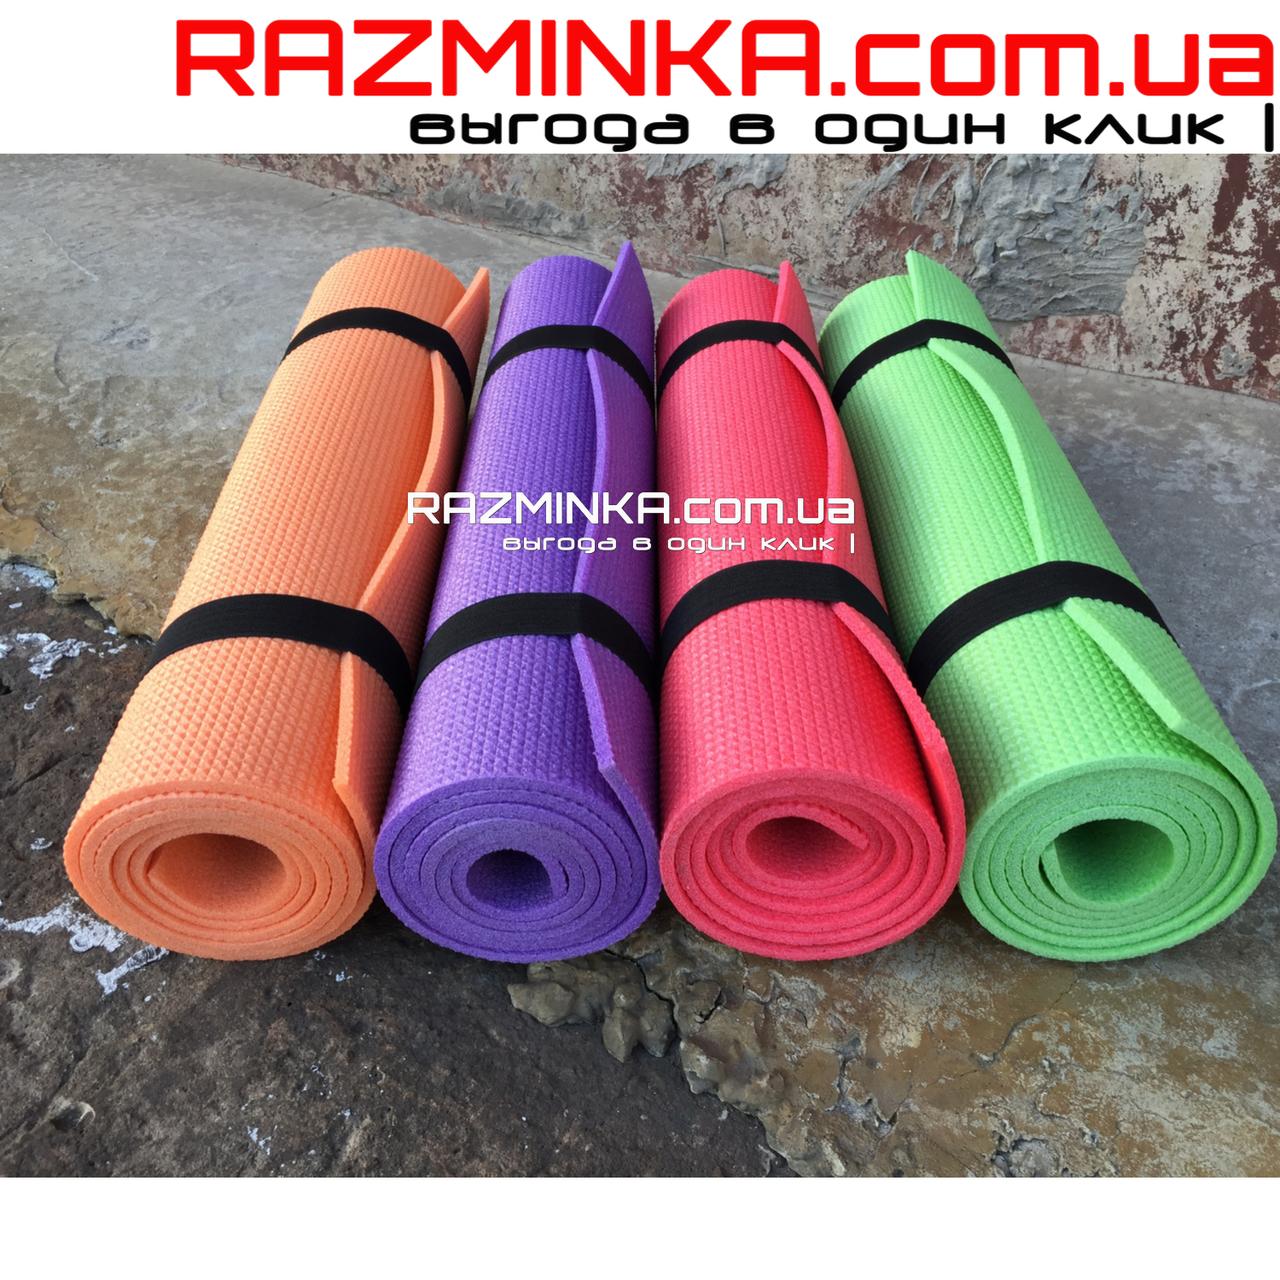 Коврики для йоги оптом 1800х600х4мм (20шт)